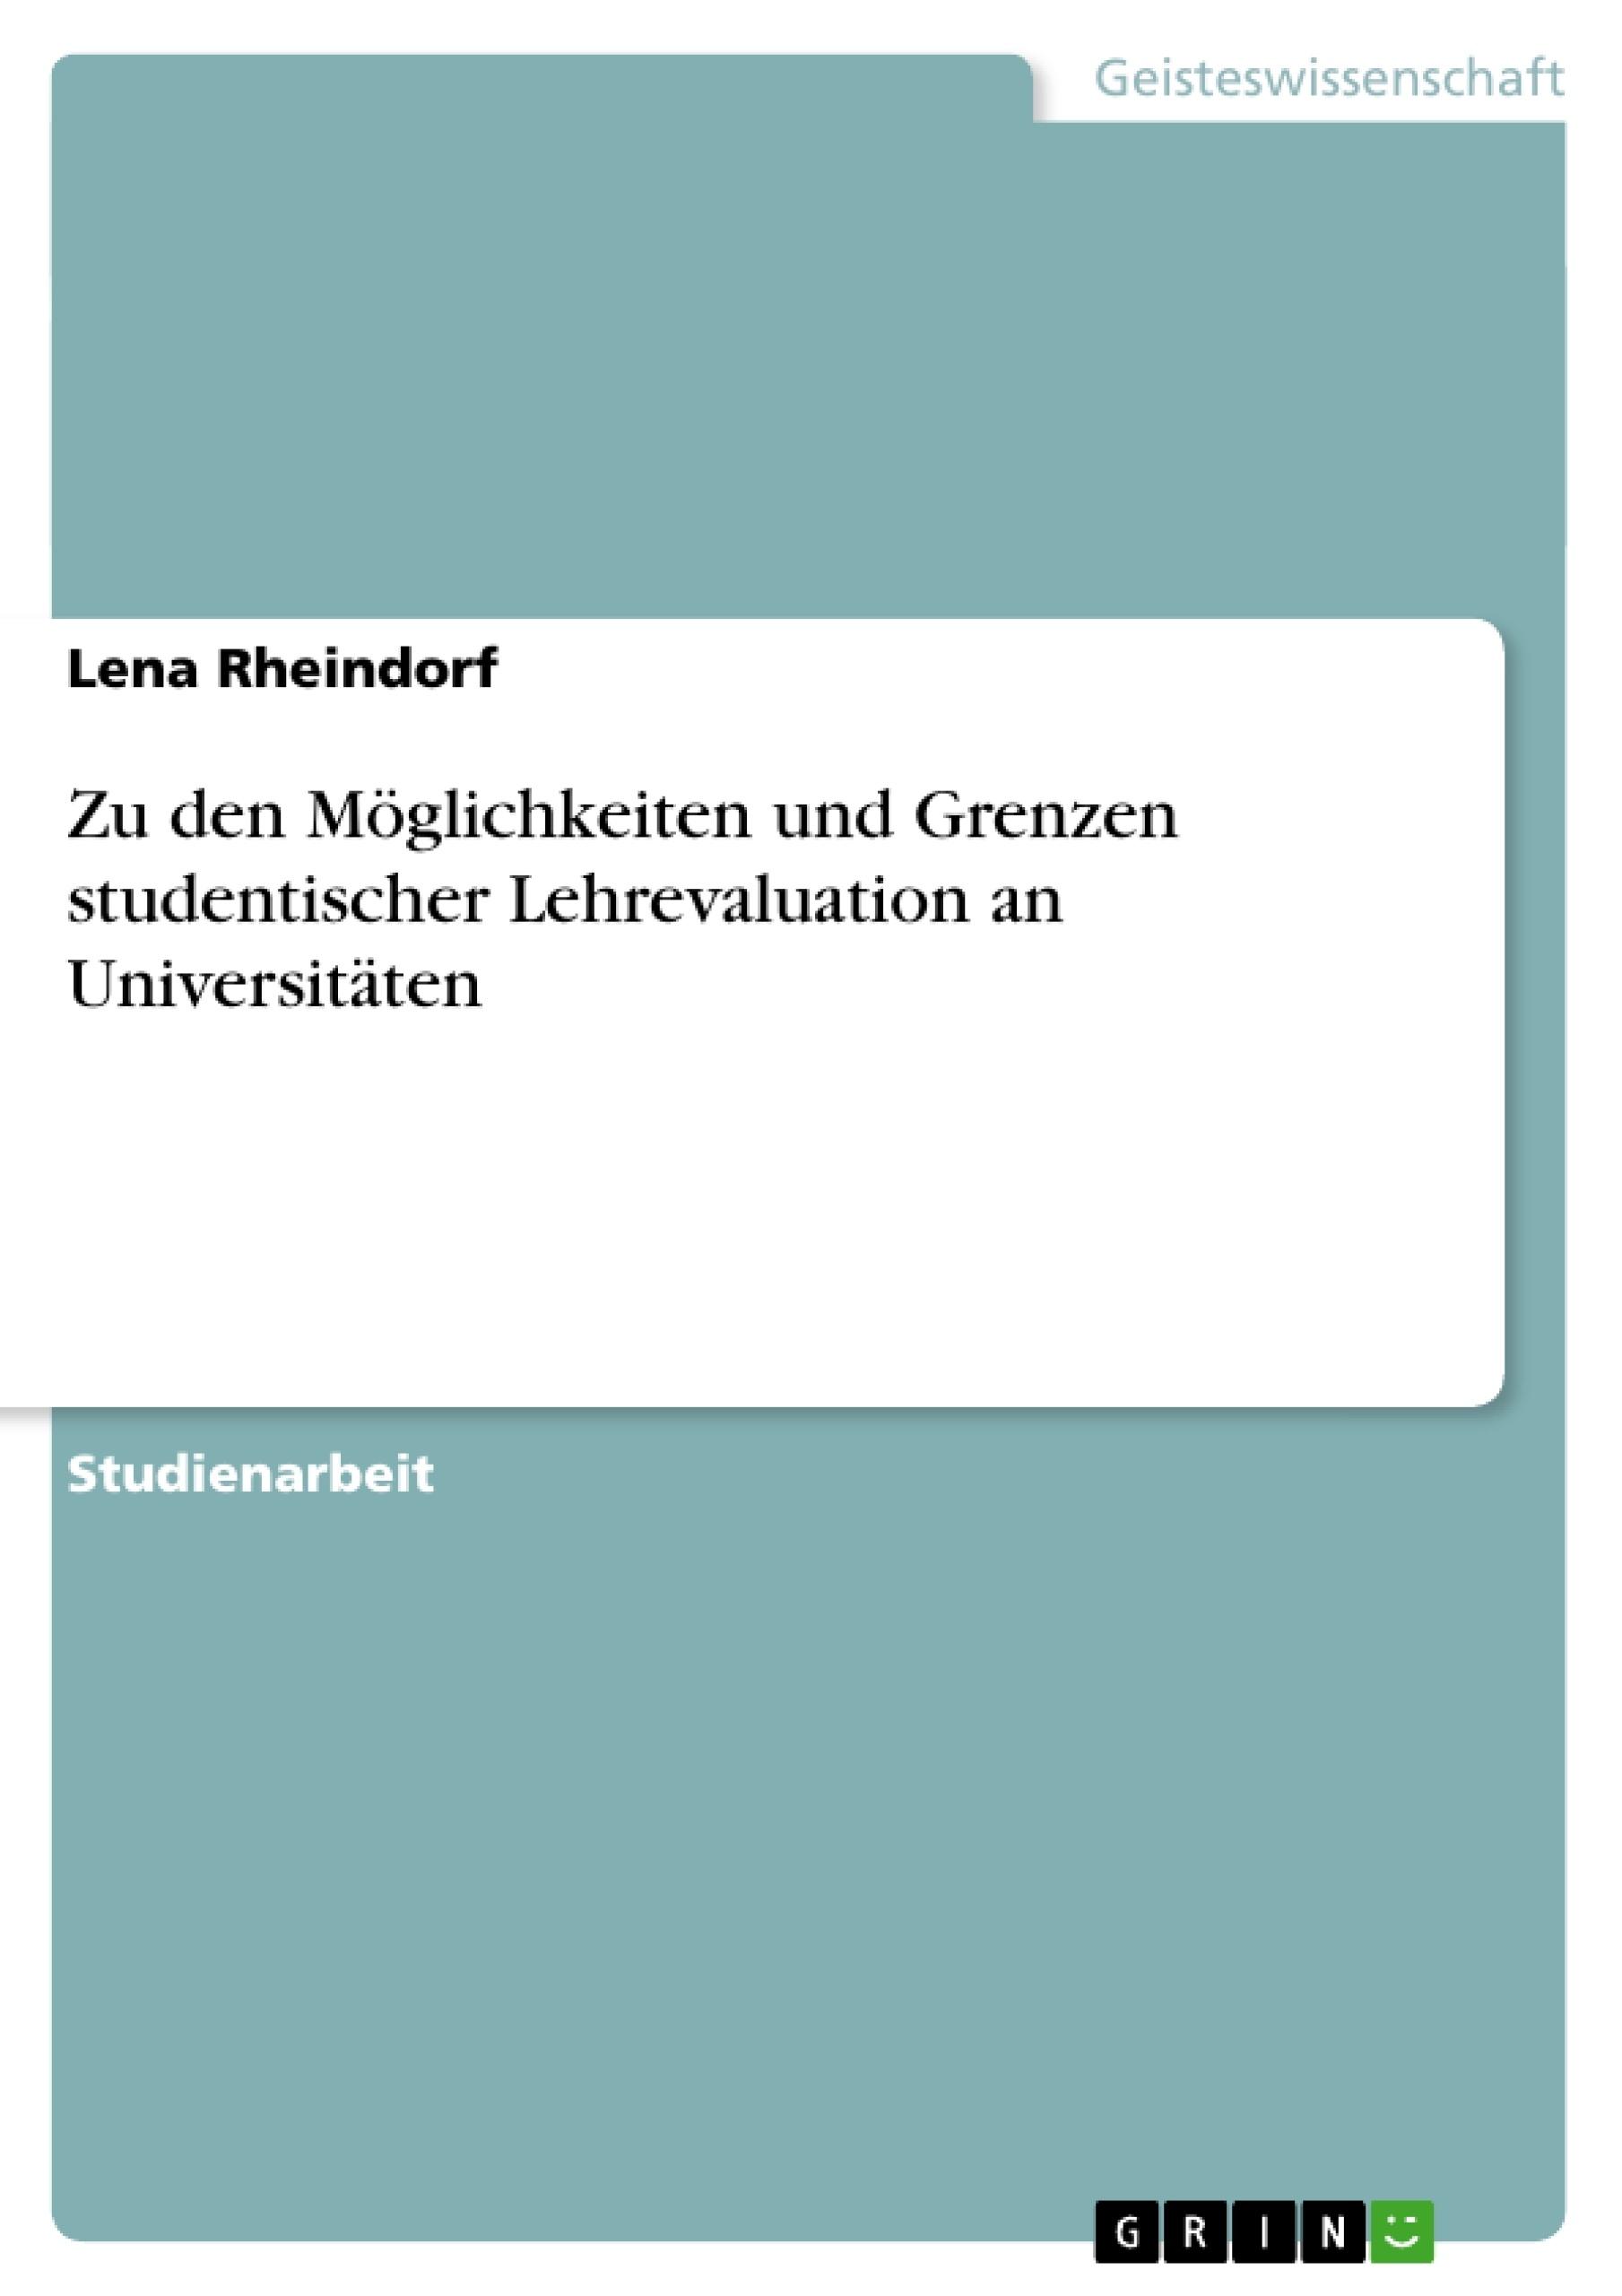 Titel: Zu den Möglichkeiten und Grenzen studentischer Lehrevaluation an Universitäten